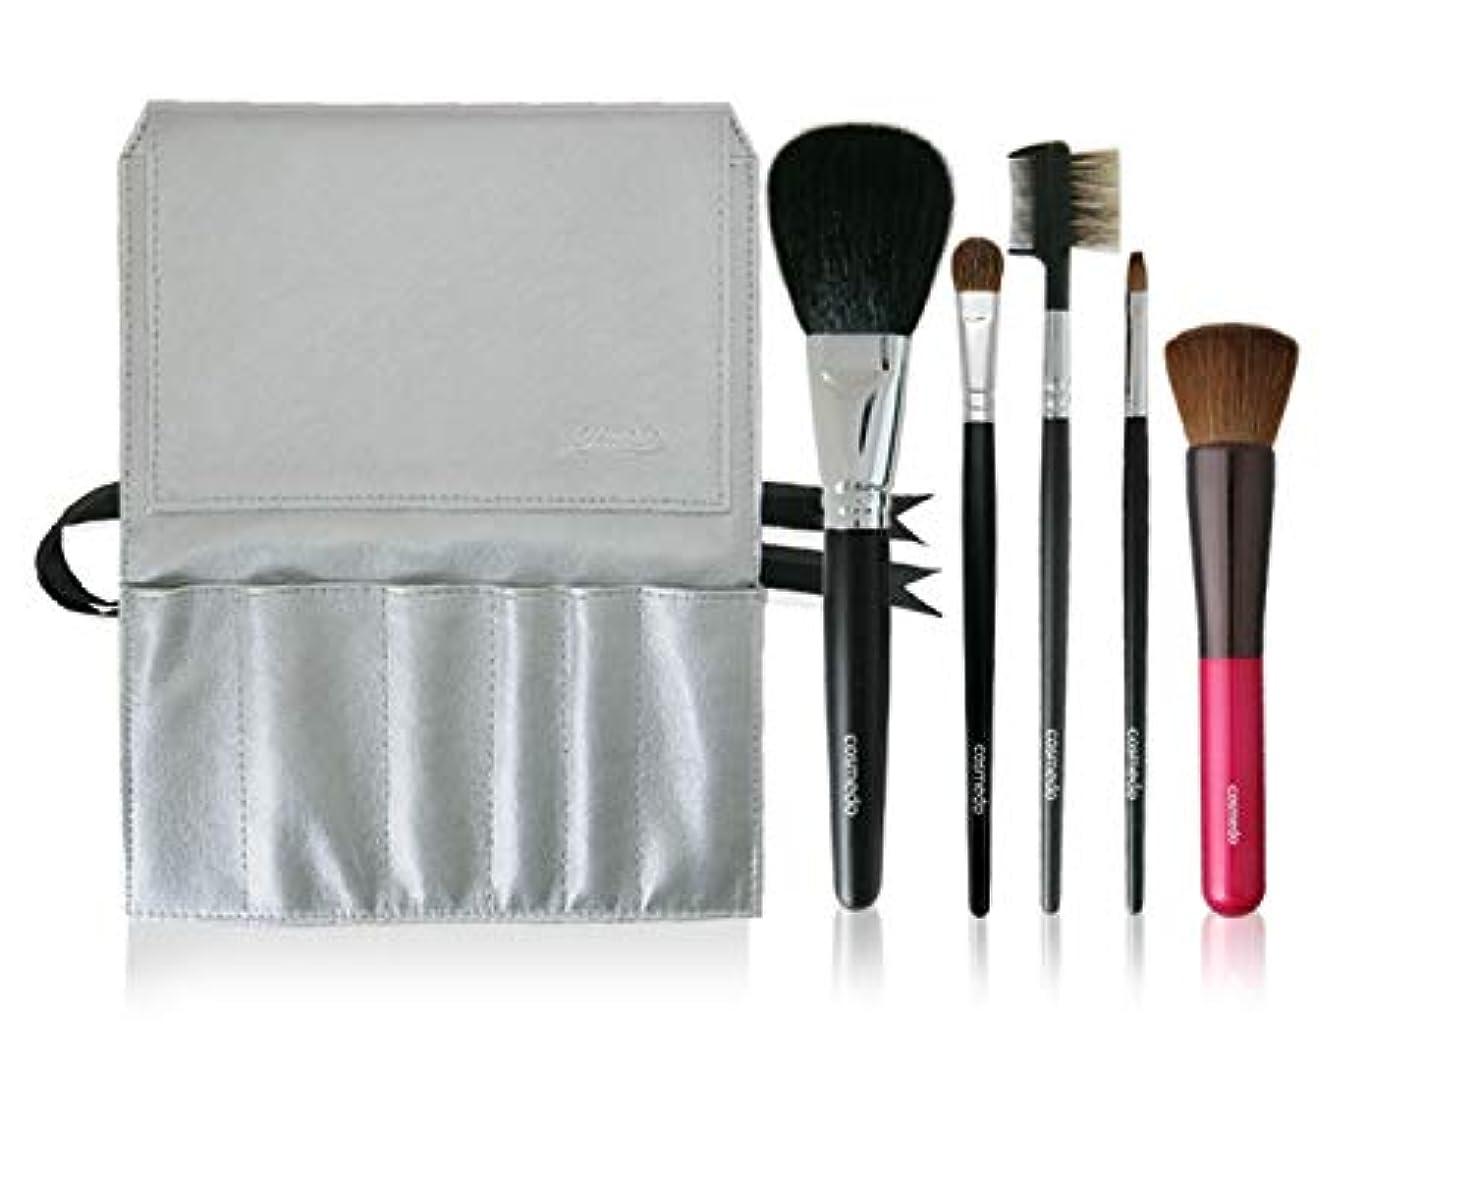 基本的な毛布スチール熊野筆 匠の化粧筆 コスメ堂 メイクブラシ スターターセット プラス (熊野筆 5本 + ブラシケース<シルバー> のセット)505-C04K-S